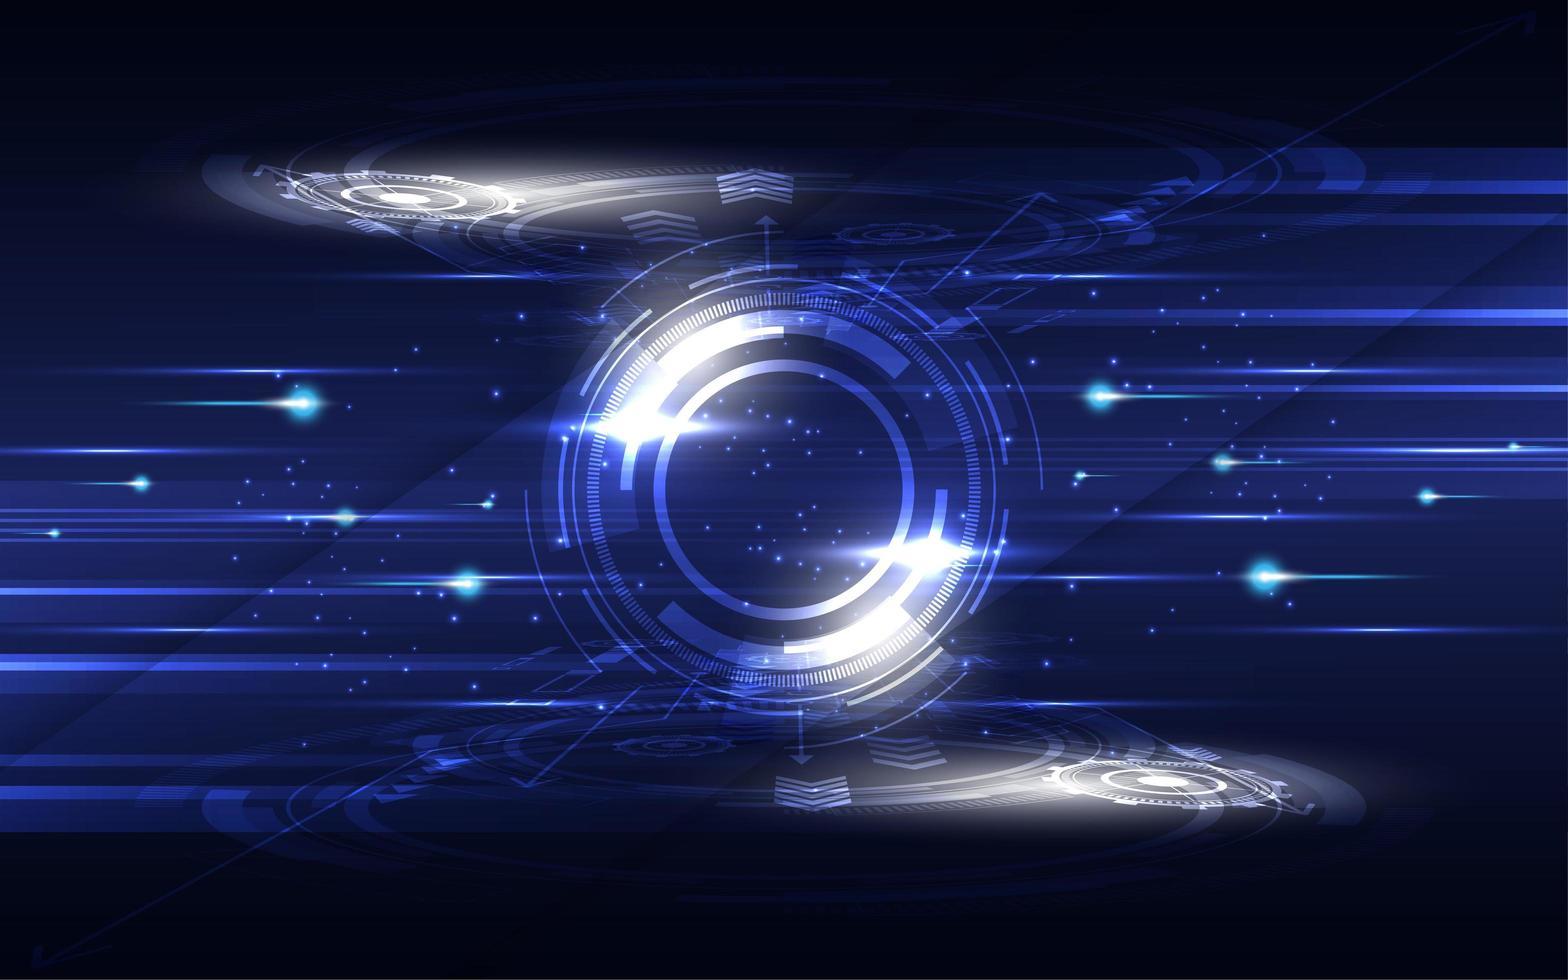 glödande blå och vita högteknologiska kommunikationskoncept vektor